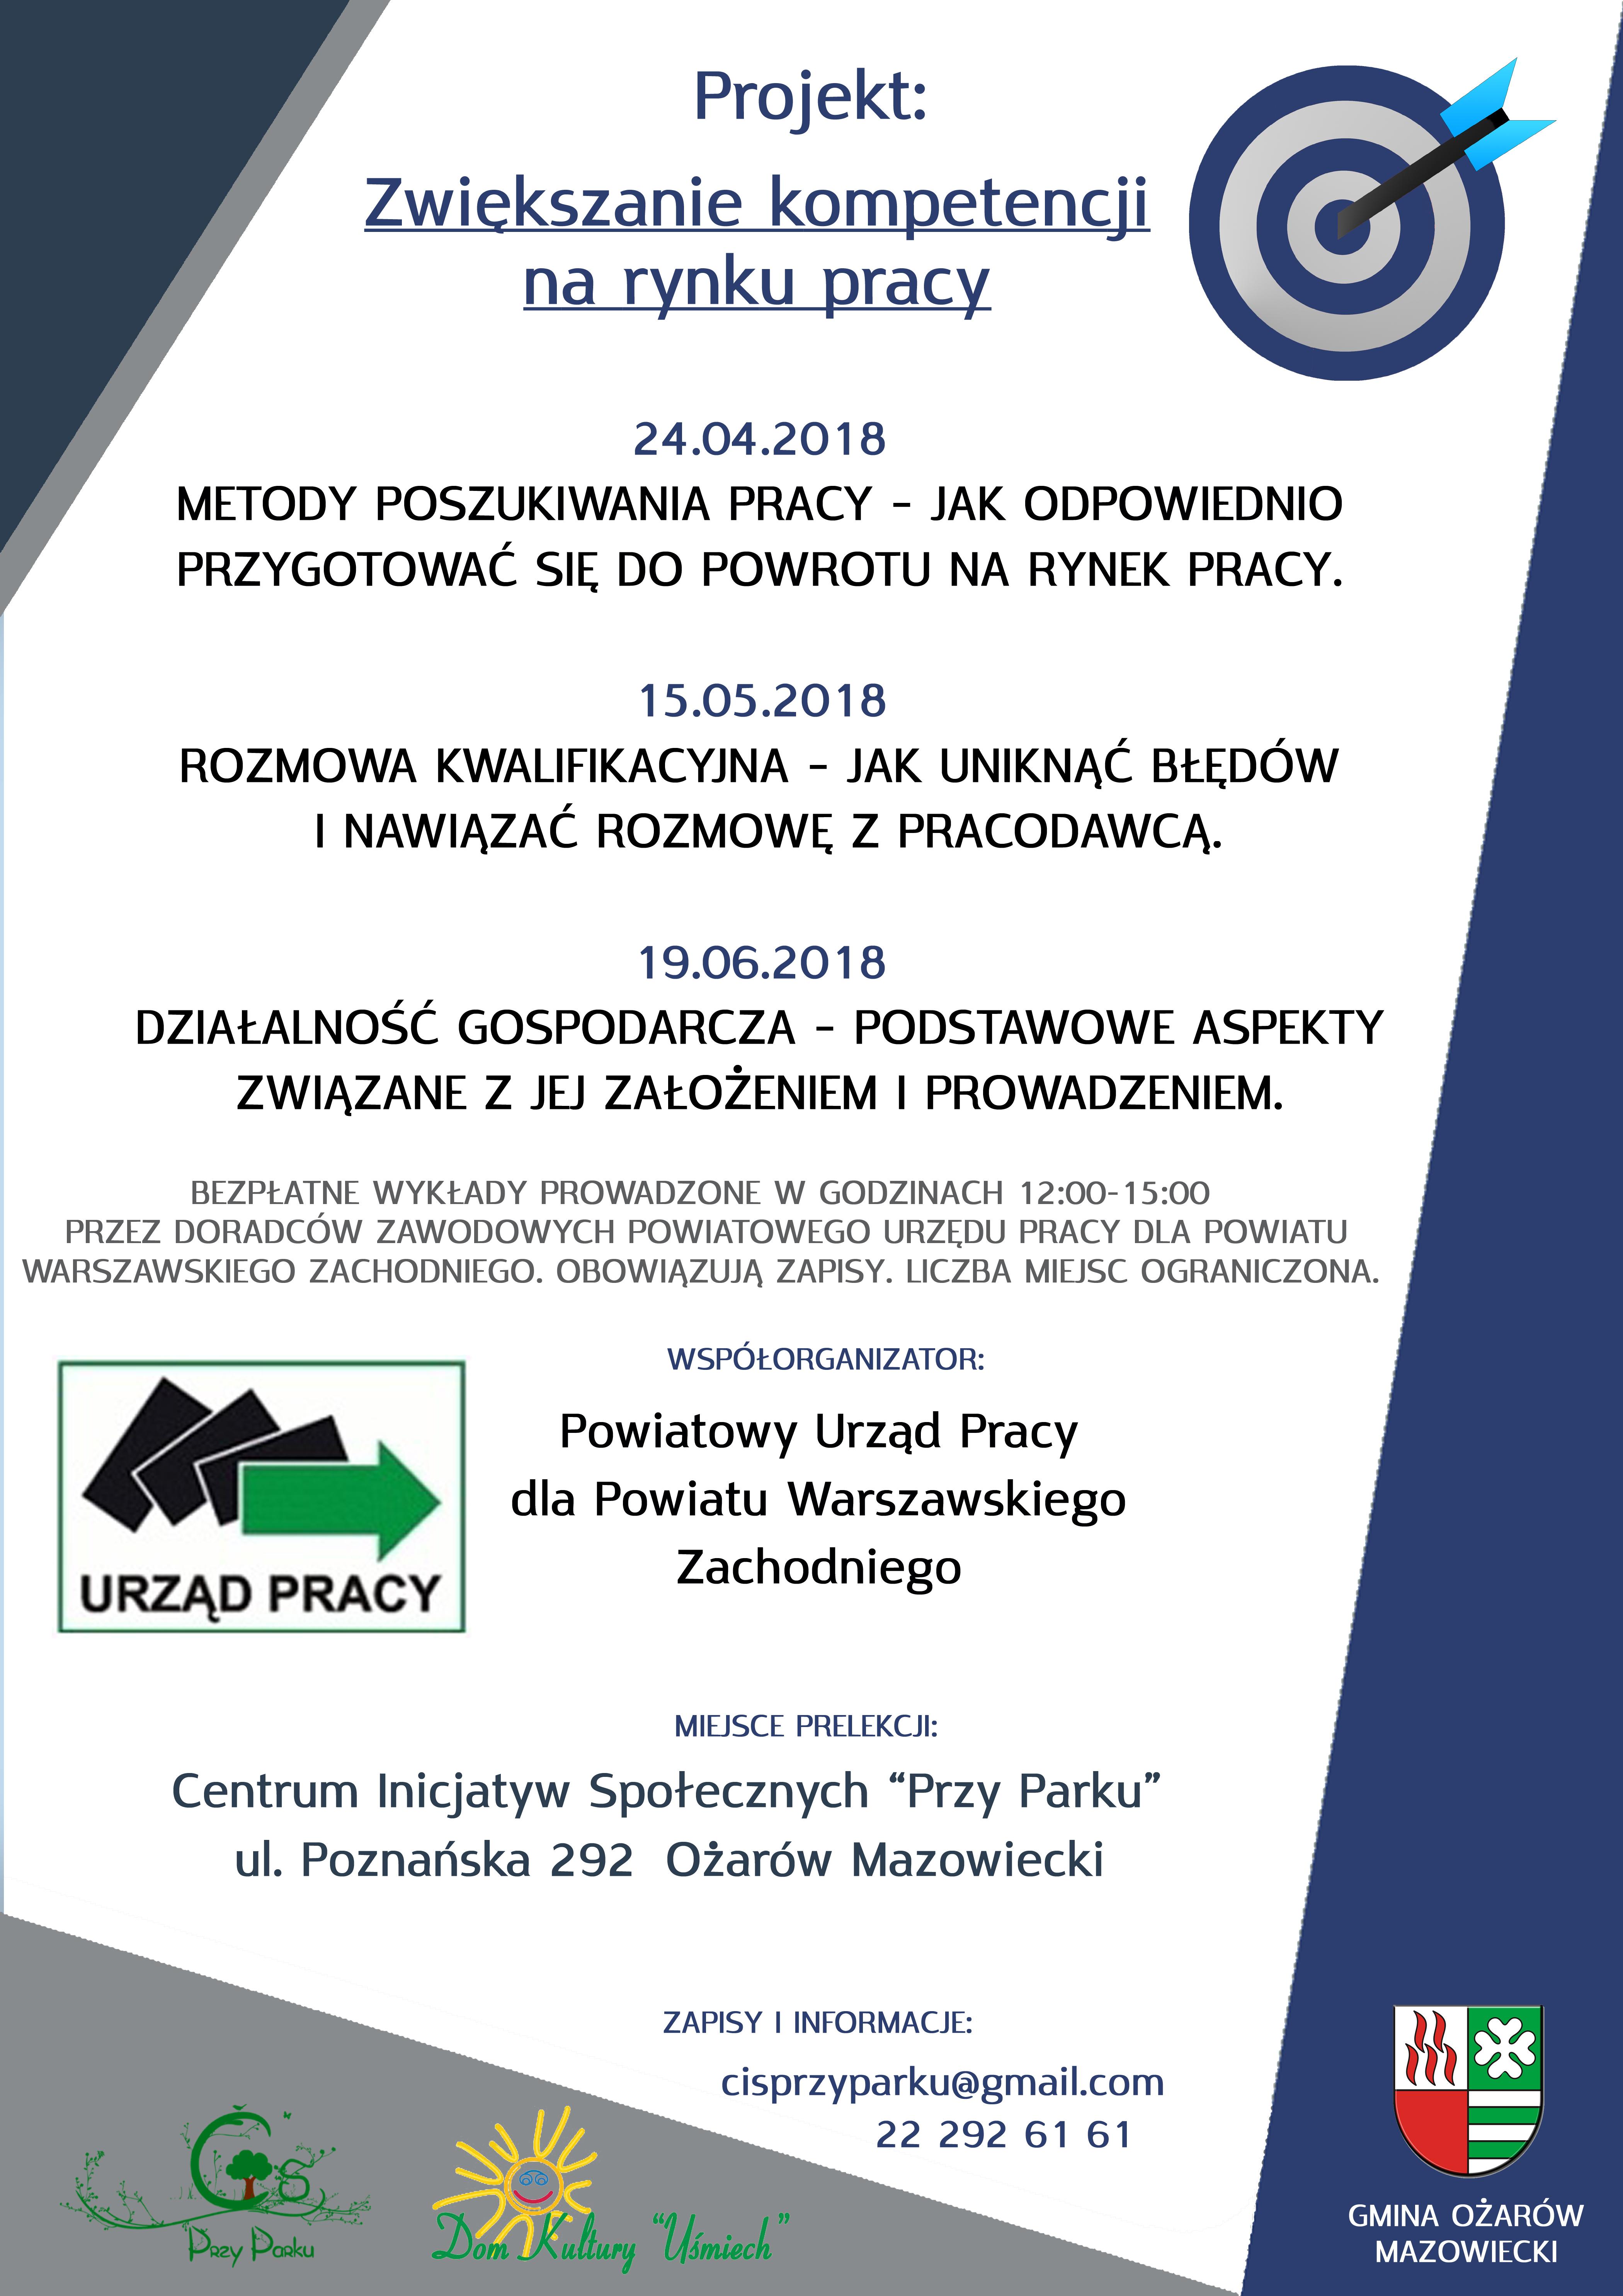 Informacje Powiatowy Urząd Pracy Dla Powiatu Warszawskiego Zachodniego